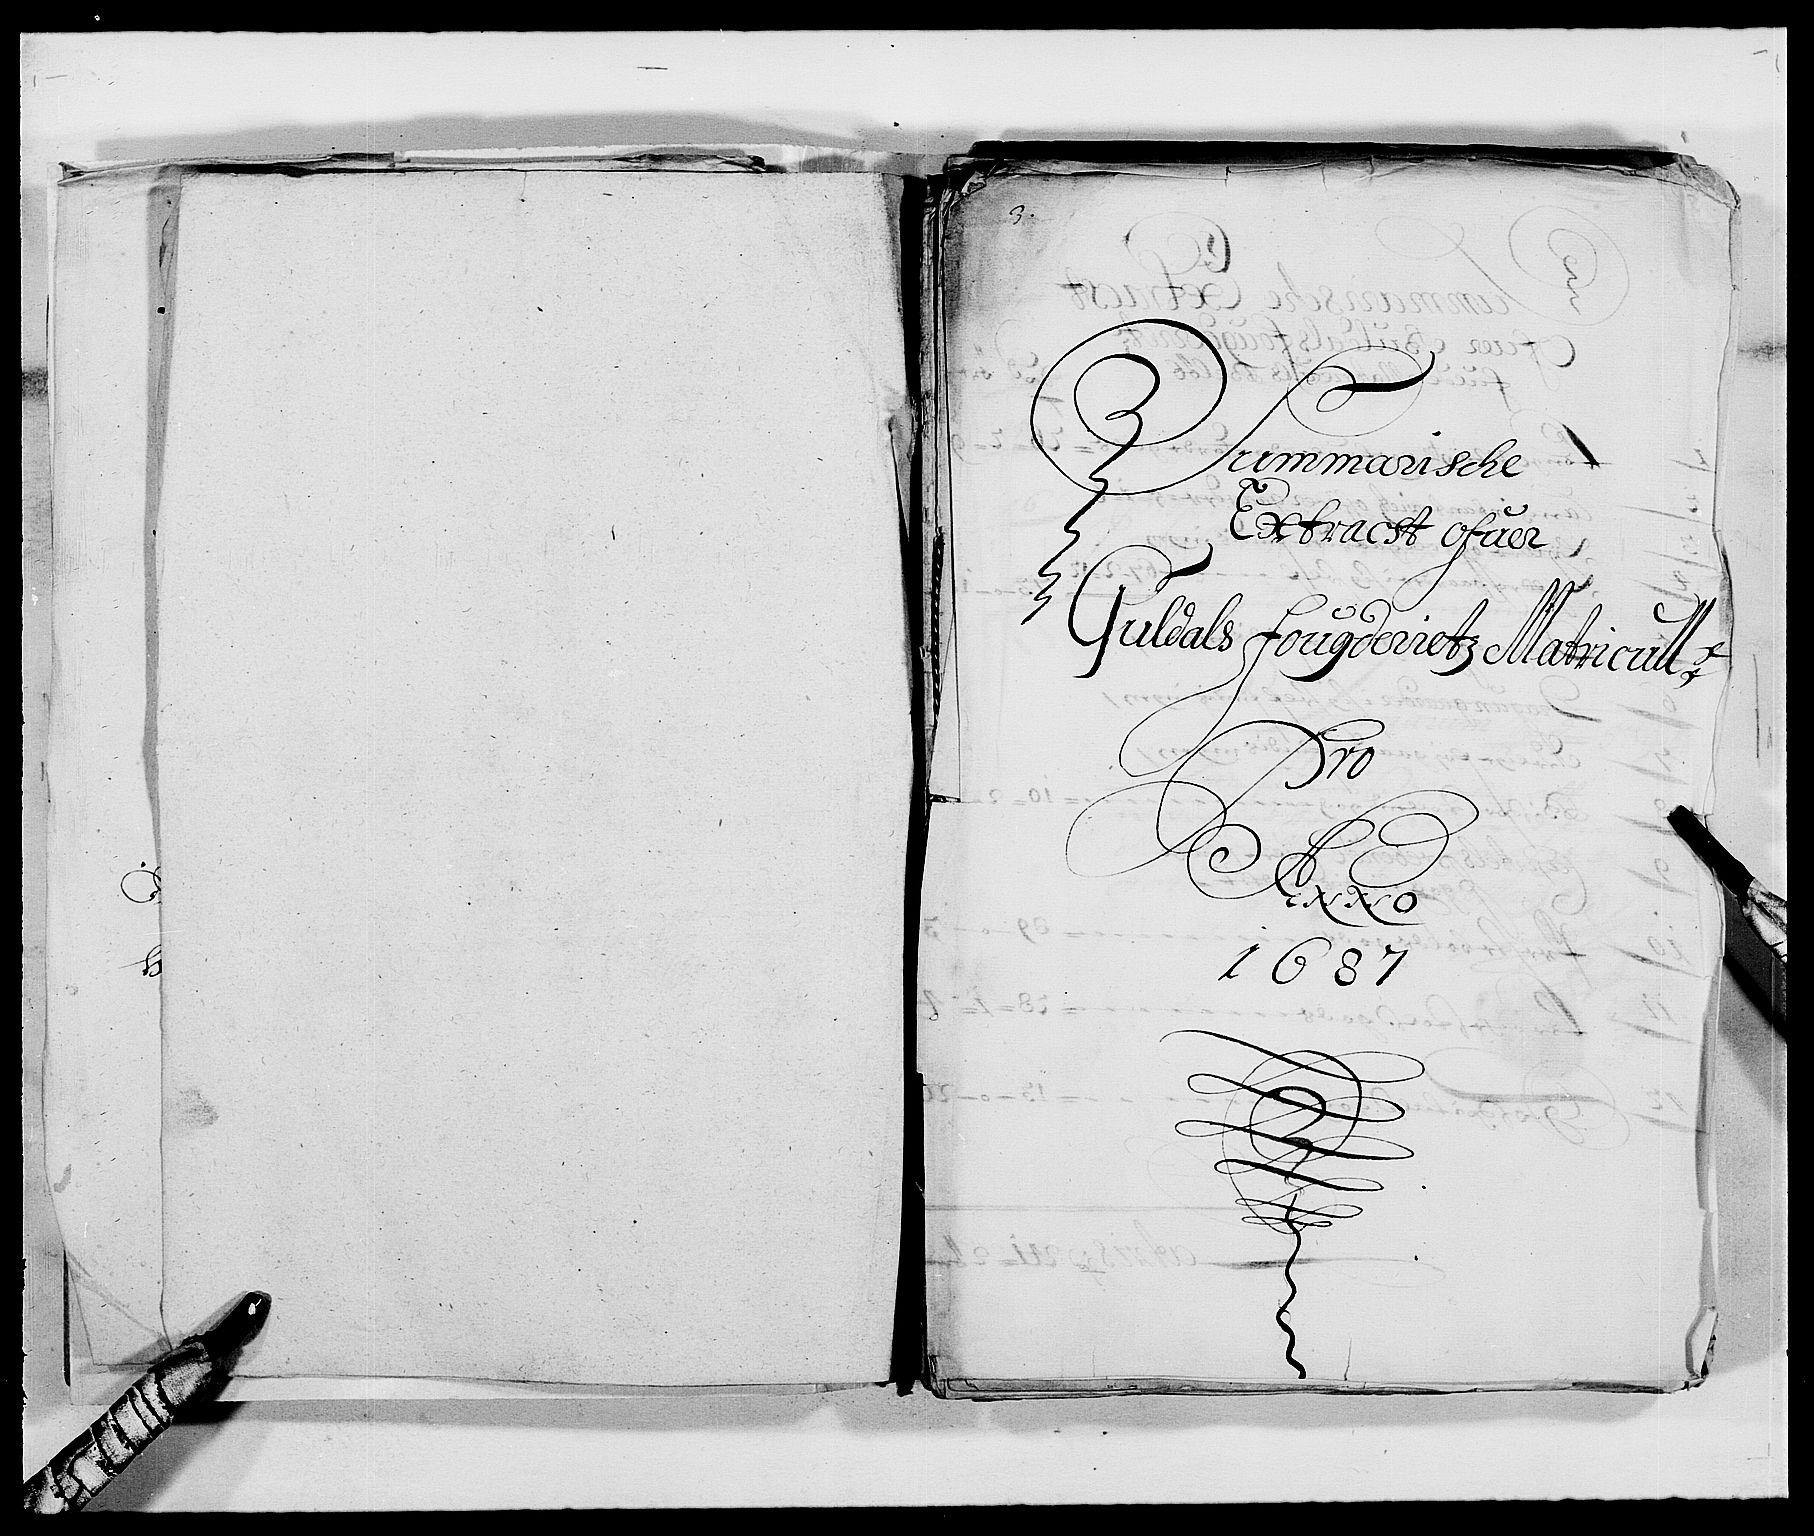 RA, Rentekammeret inntil 1814, Reviderte regnskaper, Fogderegnskap, R59/L3939: Fogderegnskap Gauldal, 1687-1688, s. 5